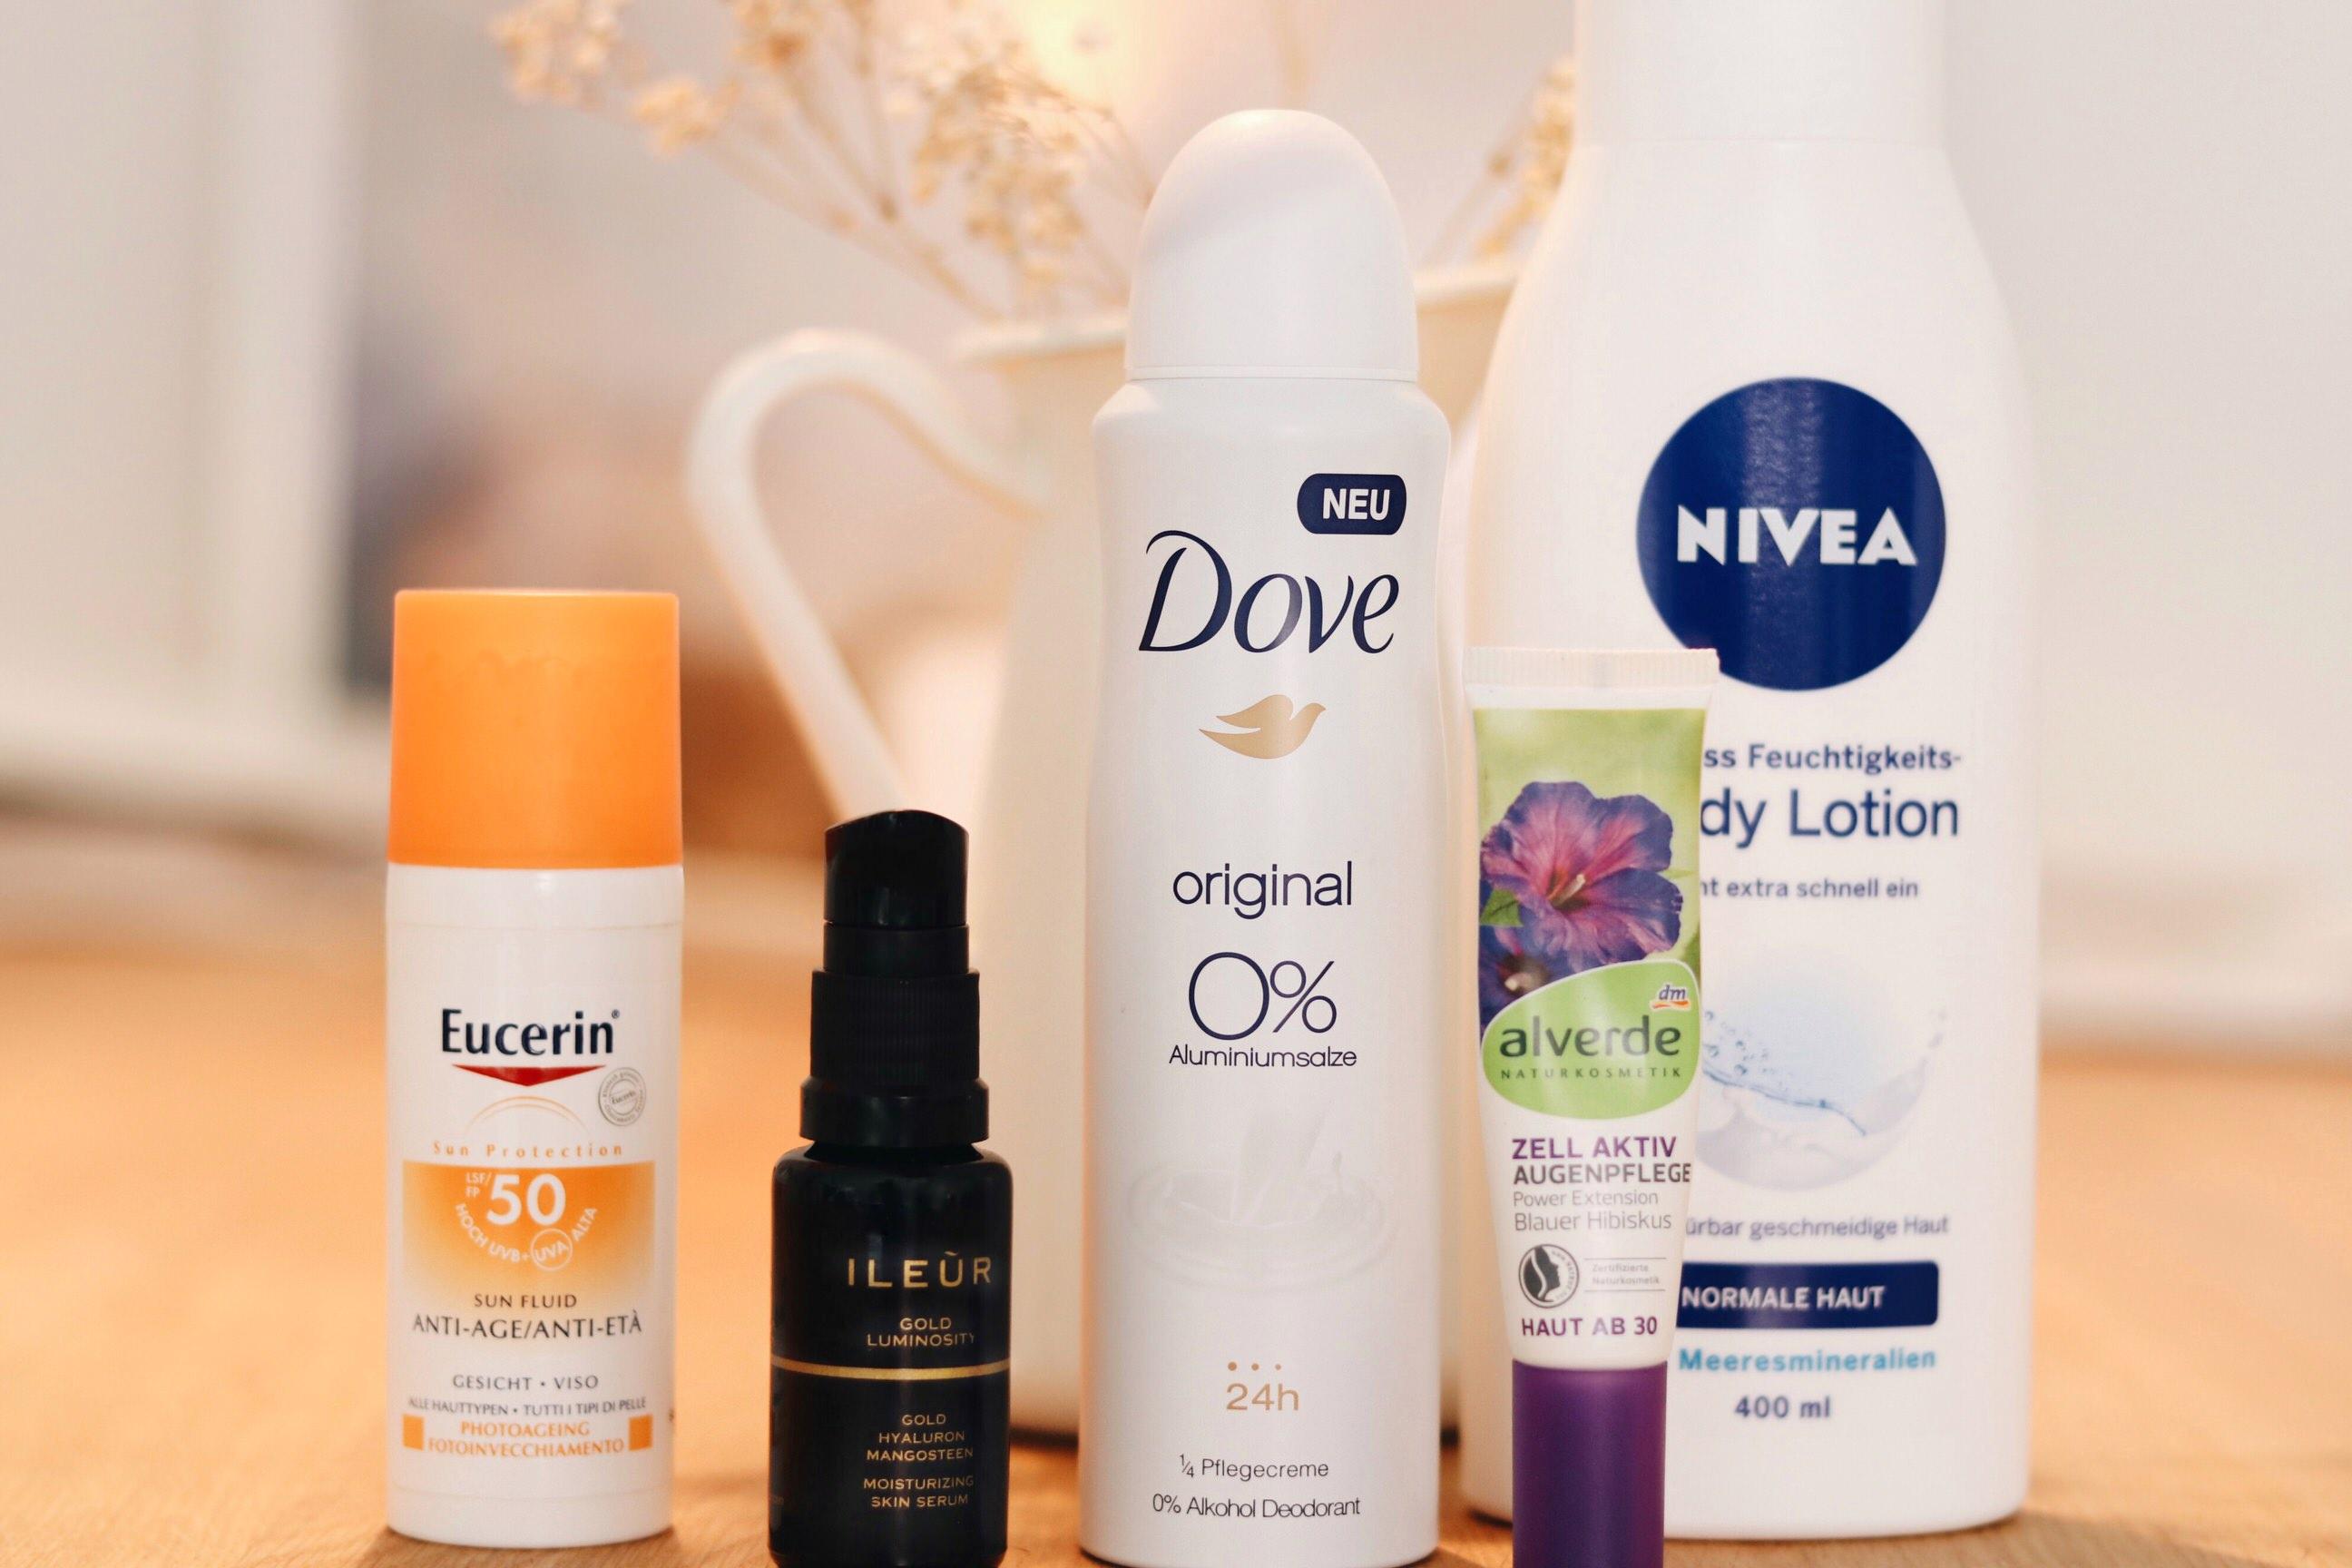 Blogger-beauty-produkte-lieblinge-eucerin-ileur-dove-alverde-nivea